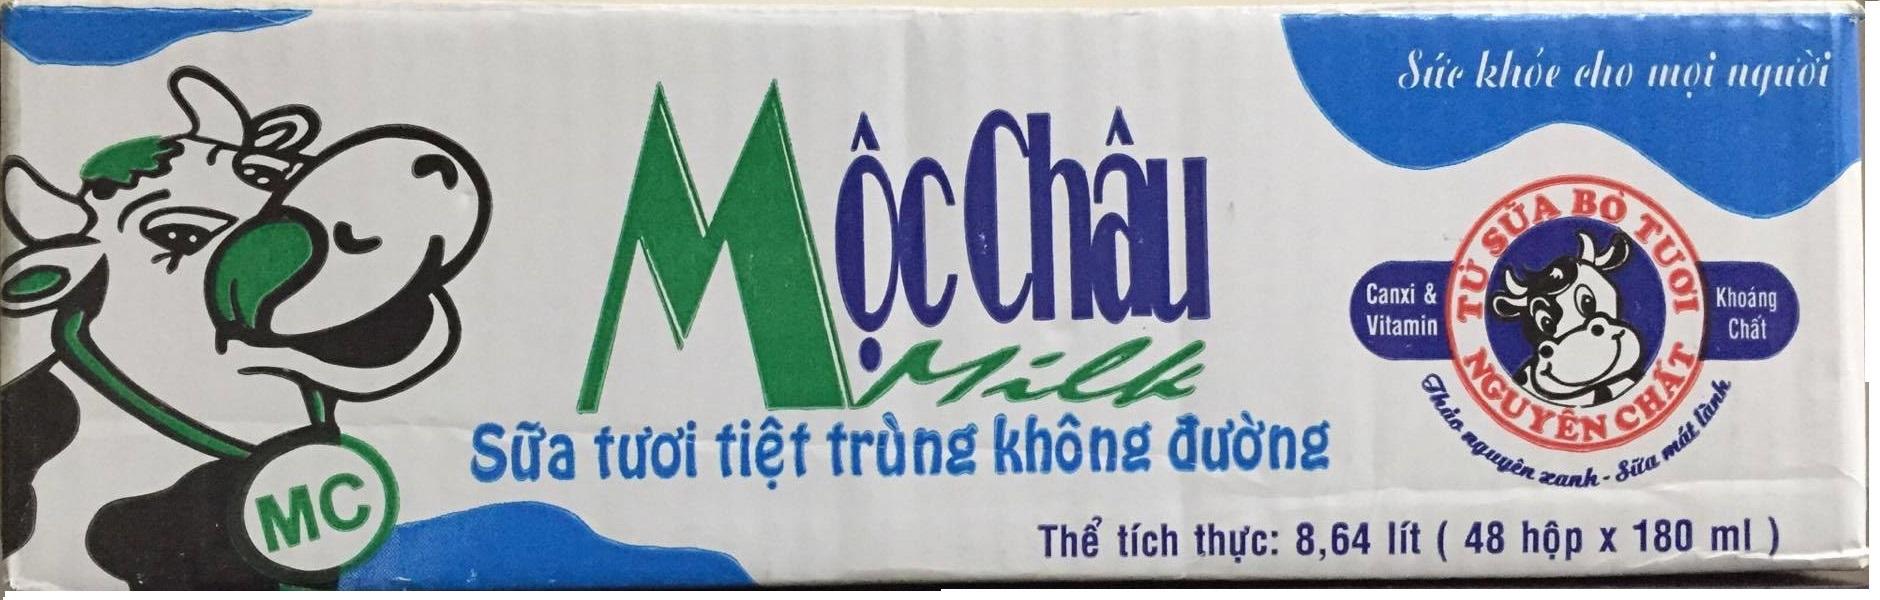 Sữa tươi tiệt trùng Mộc châu Không đường - Thùng 48 hộp x 180ml